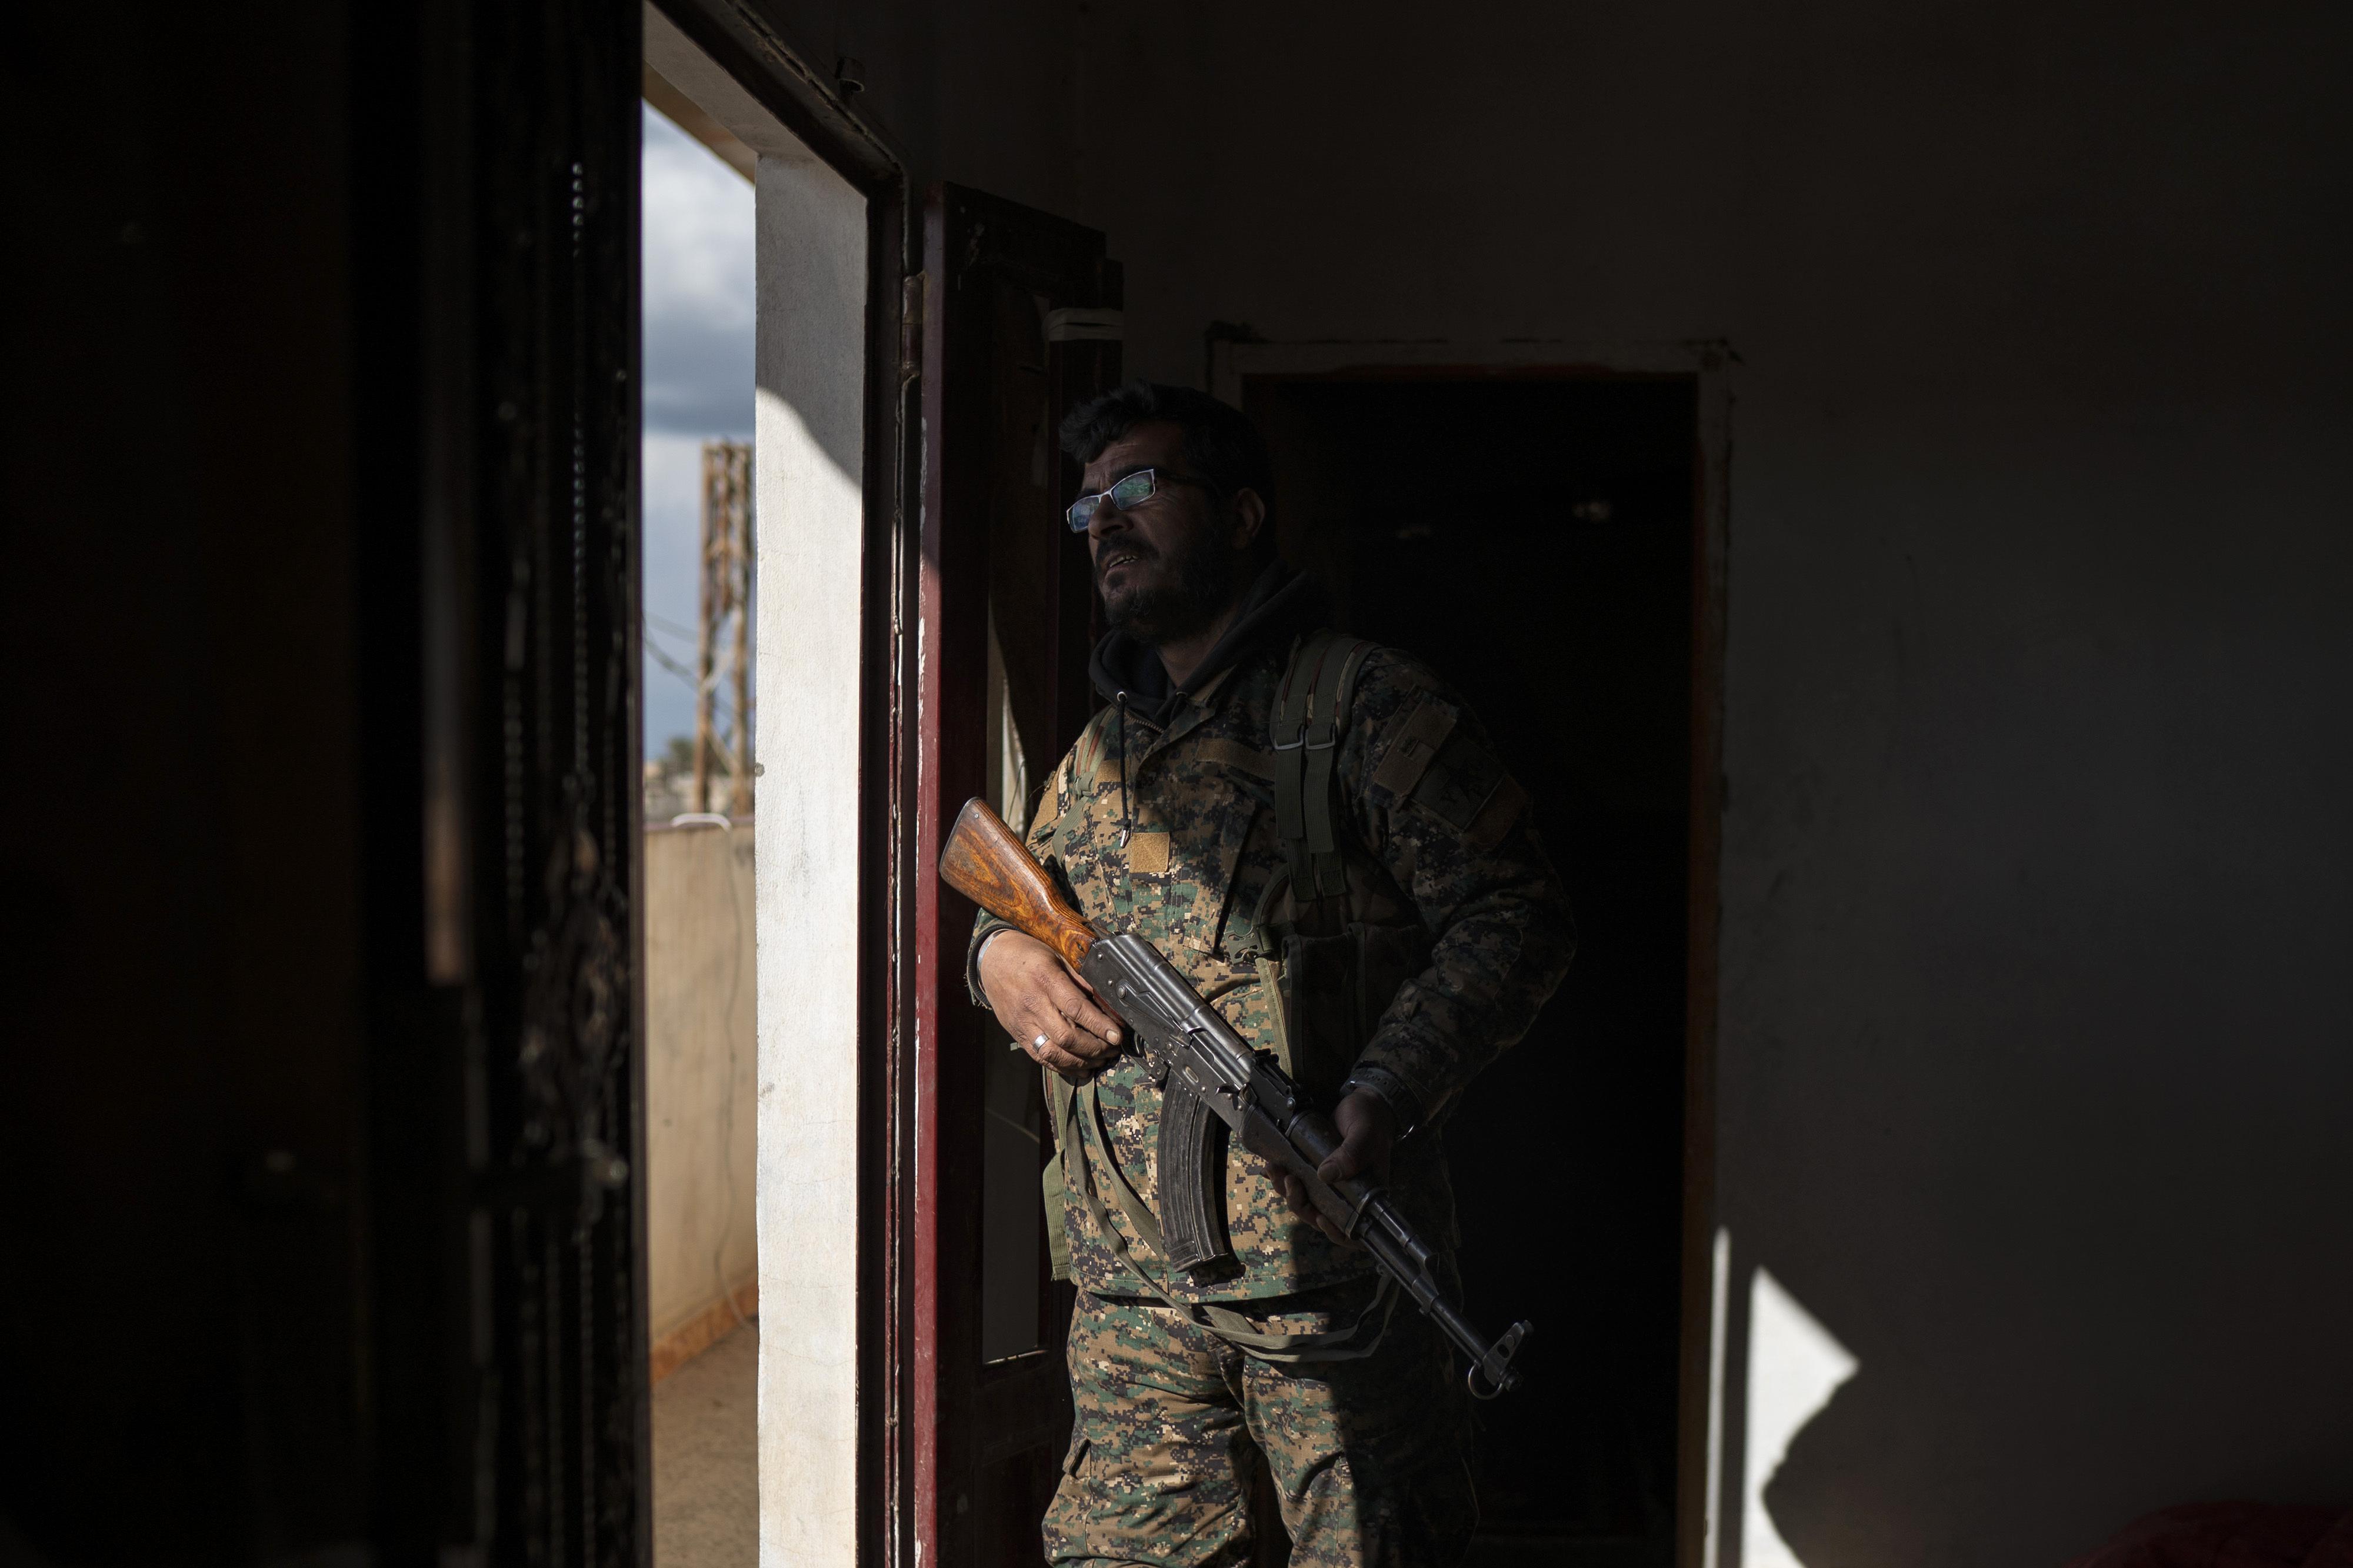 Turkey, Iran team up to fight U.S. Kurdish allies in Syria